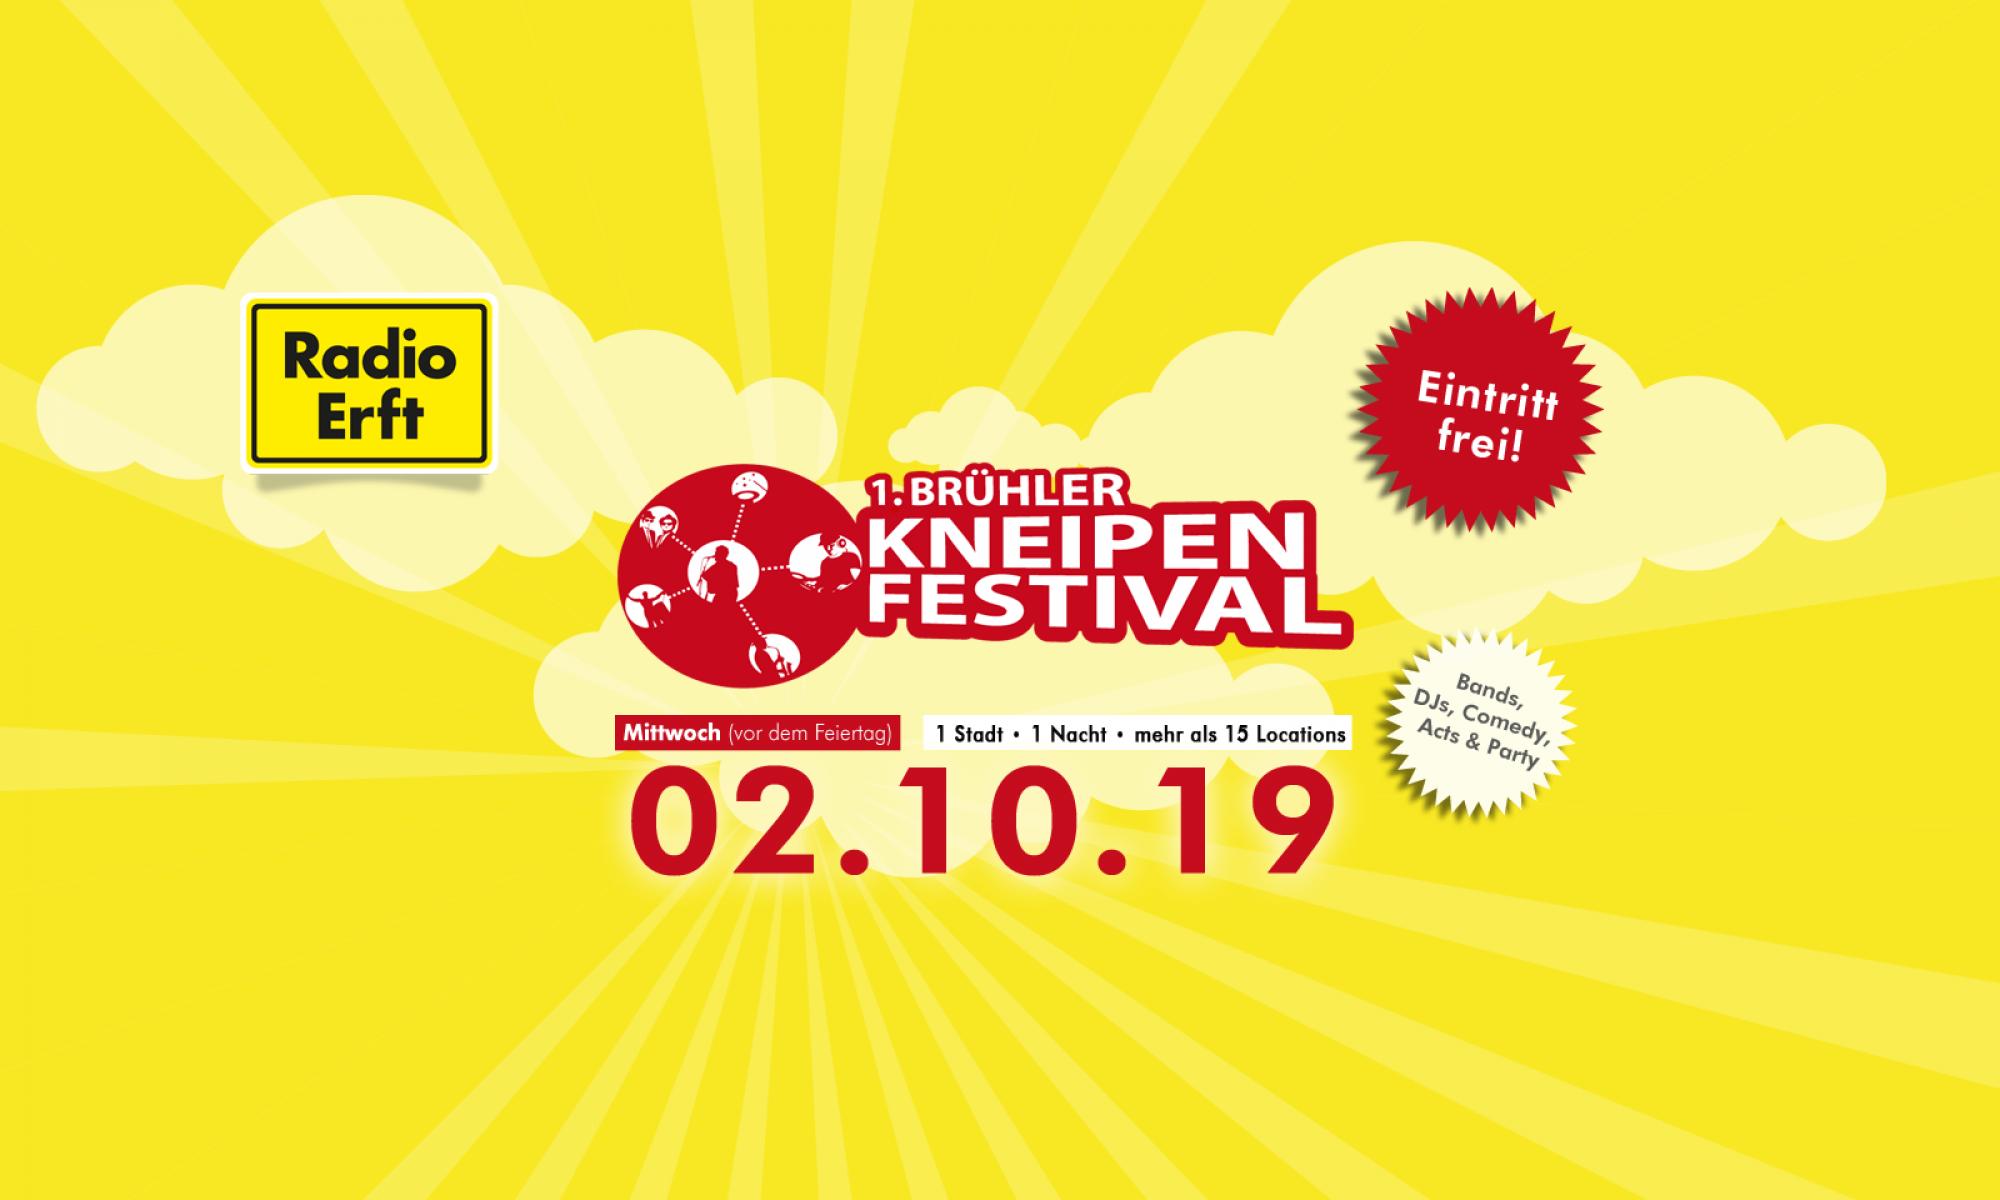 Das Brühler Kneipenfestival am 02.10.19